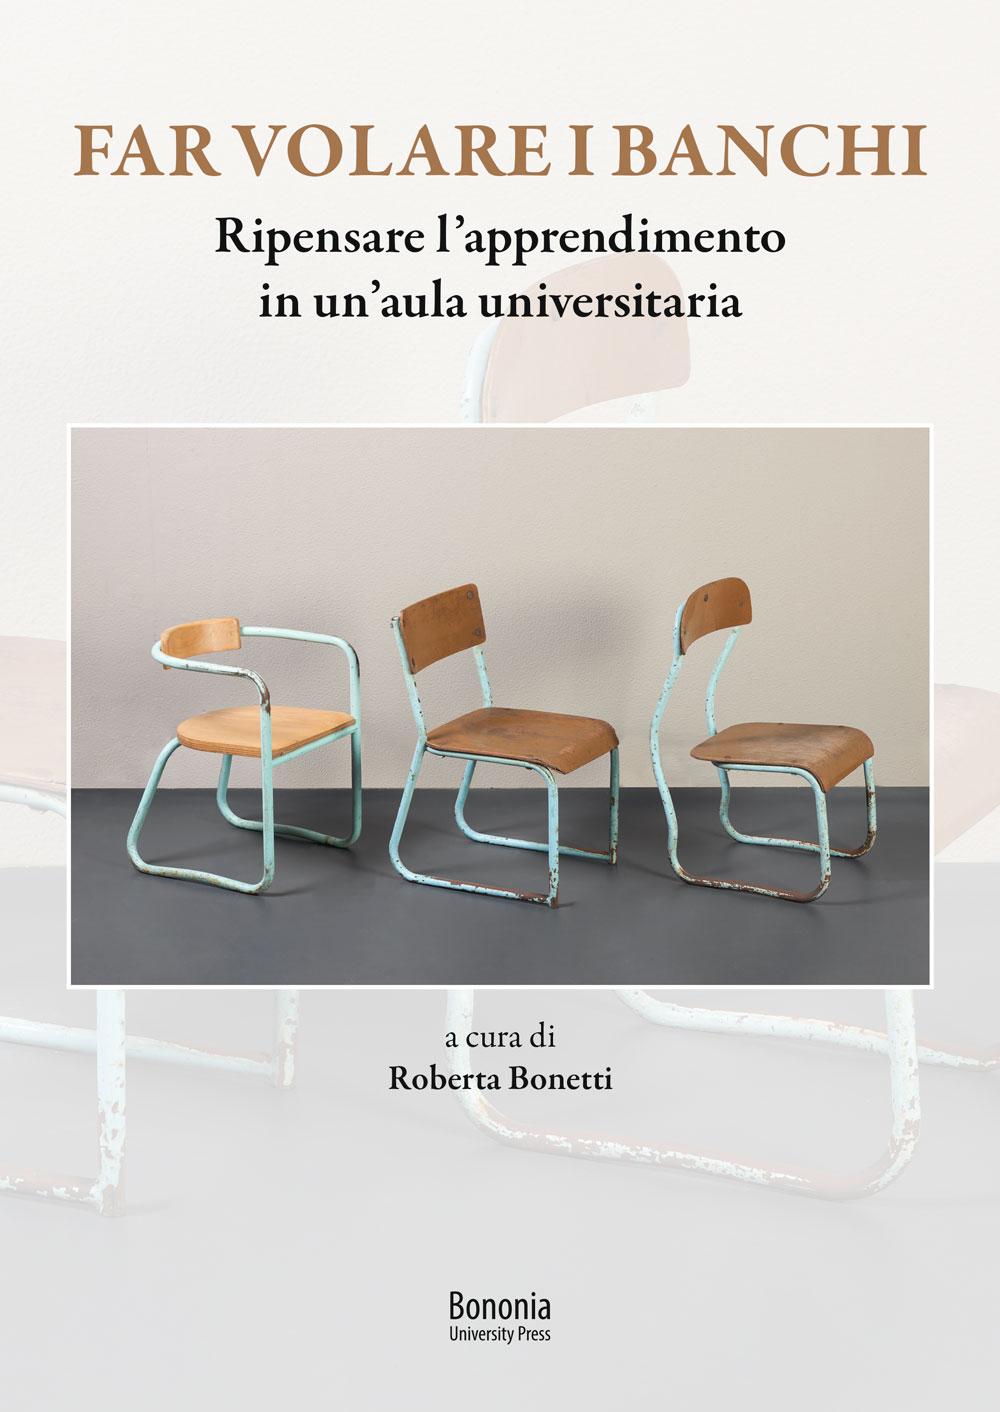 Far volare i banchi - Bononia University Press